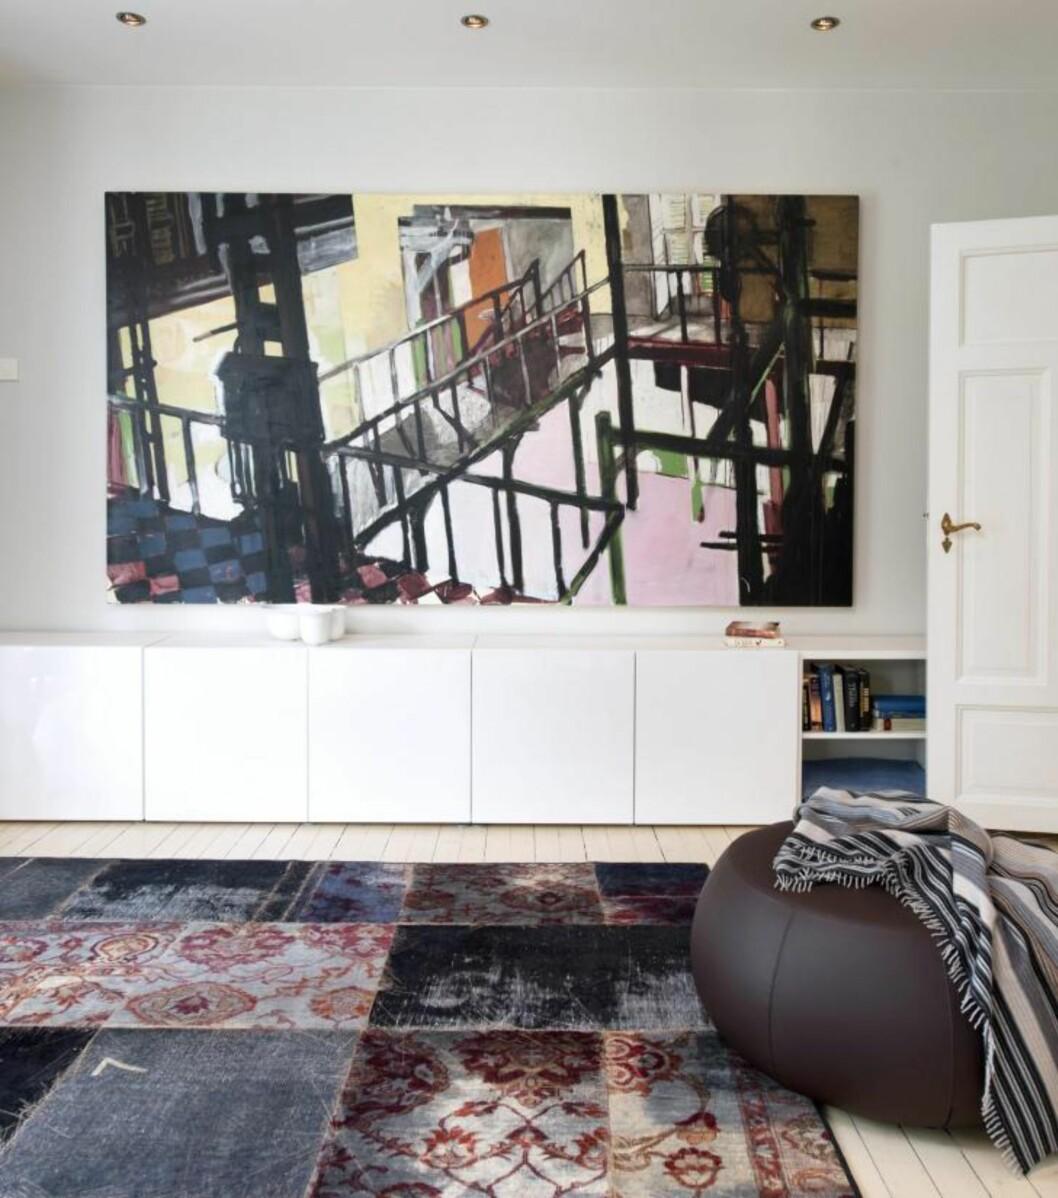 <strong>MALERISK:</strong> Ved siden av hovedstuen ligger tv-stuen som tidligere var soverom. Her har maleriet av Benjamin Bergman fått hovedplass. Teppet fra Mashup fra Kymo, Hole Design, har mye mønster, men er likevel i dialog  med maleriet. Puff Pix fra Arper. Pledd fra Missoni. FOTO: Espen Grønli